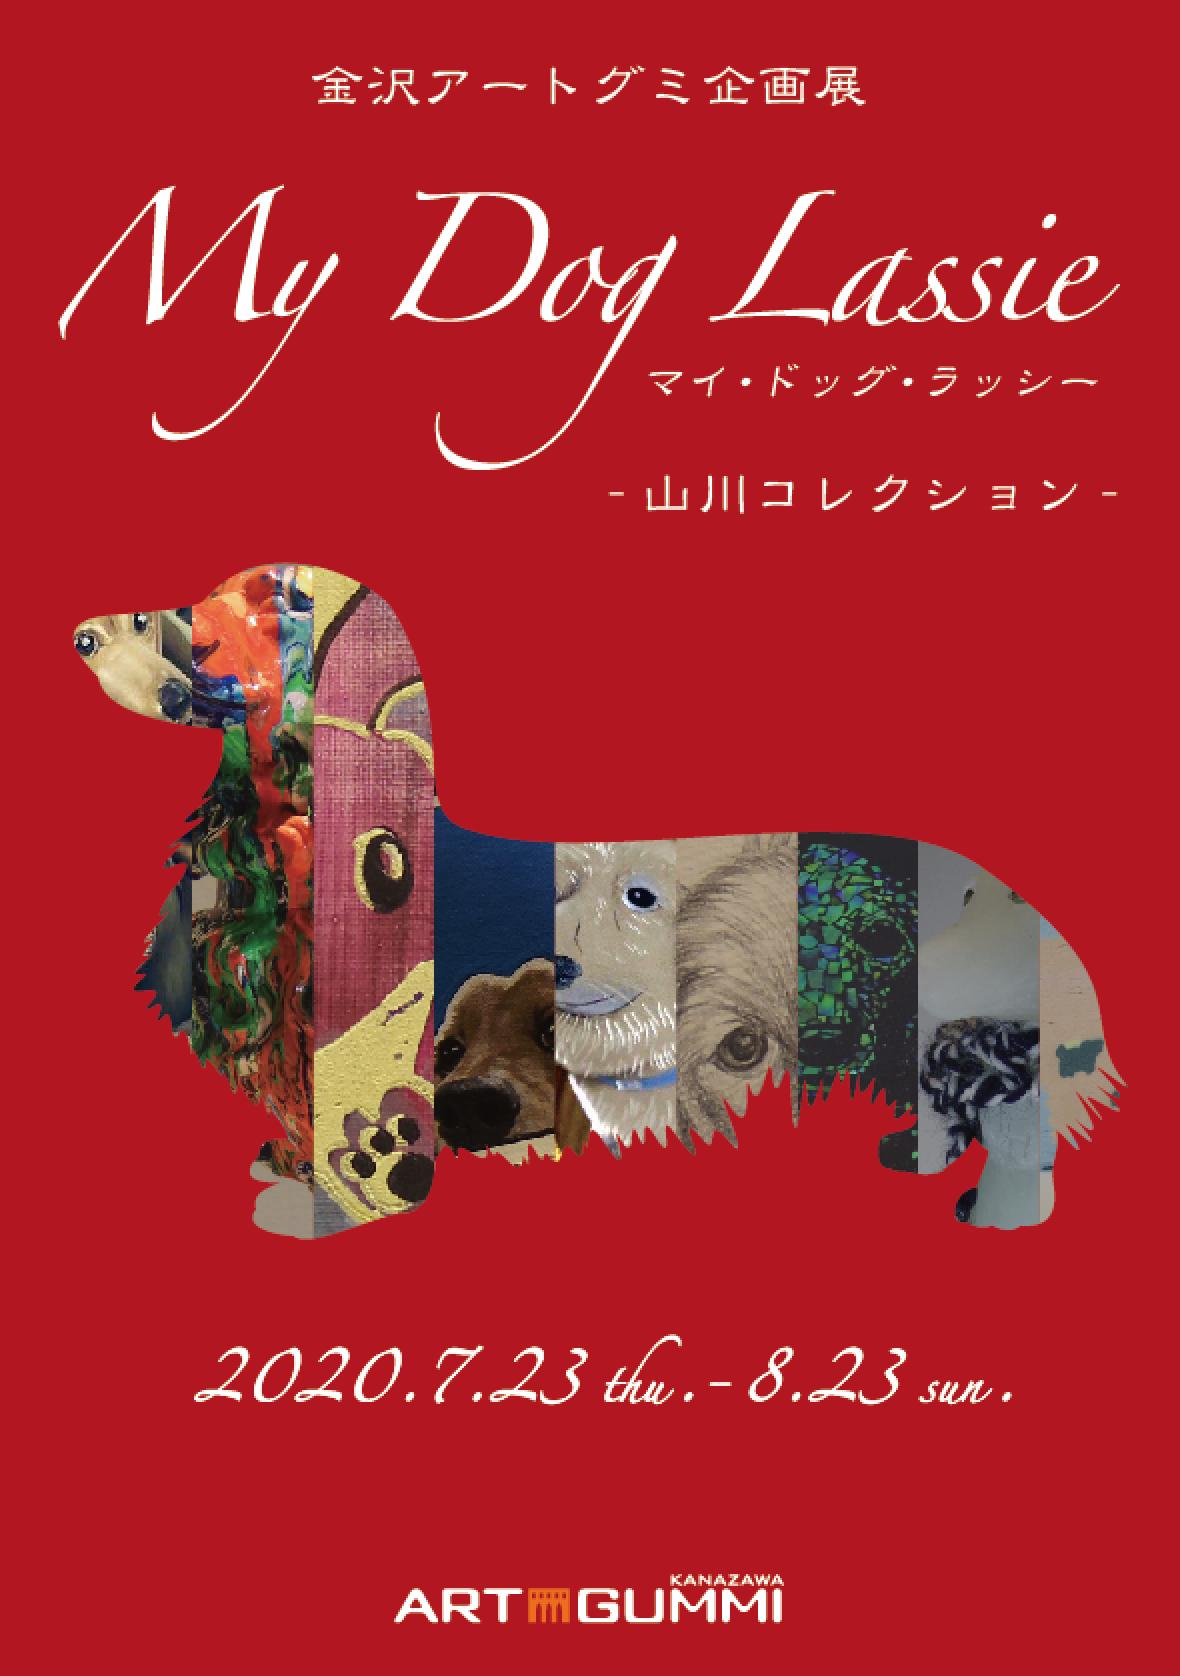 7/23~8/23 企画展【M y Dog Lassie マイ・ドッグ・ラッシー -山川コレクション-】